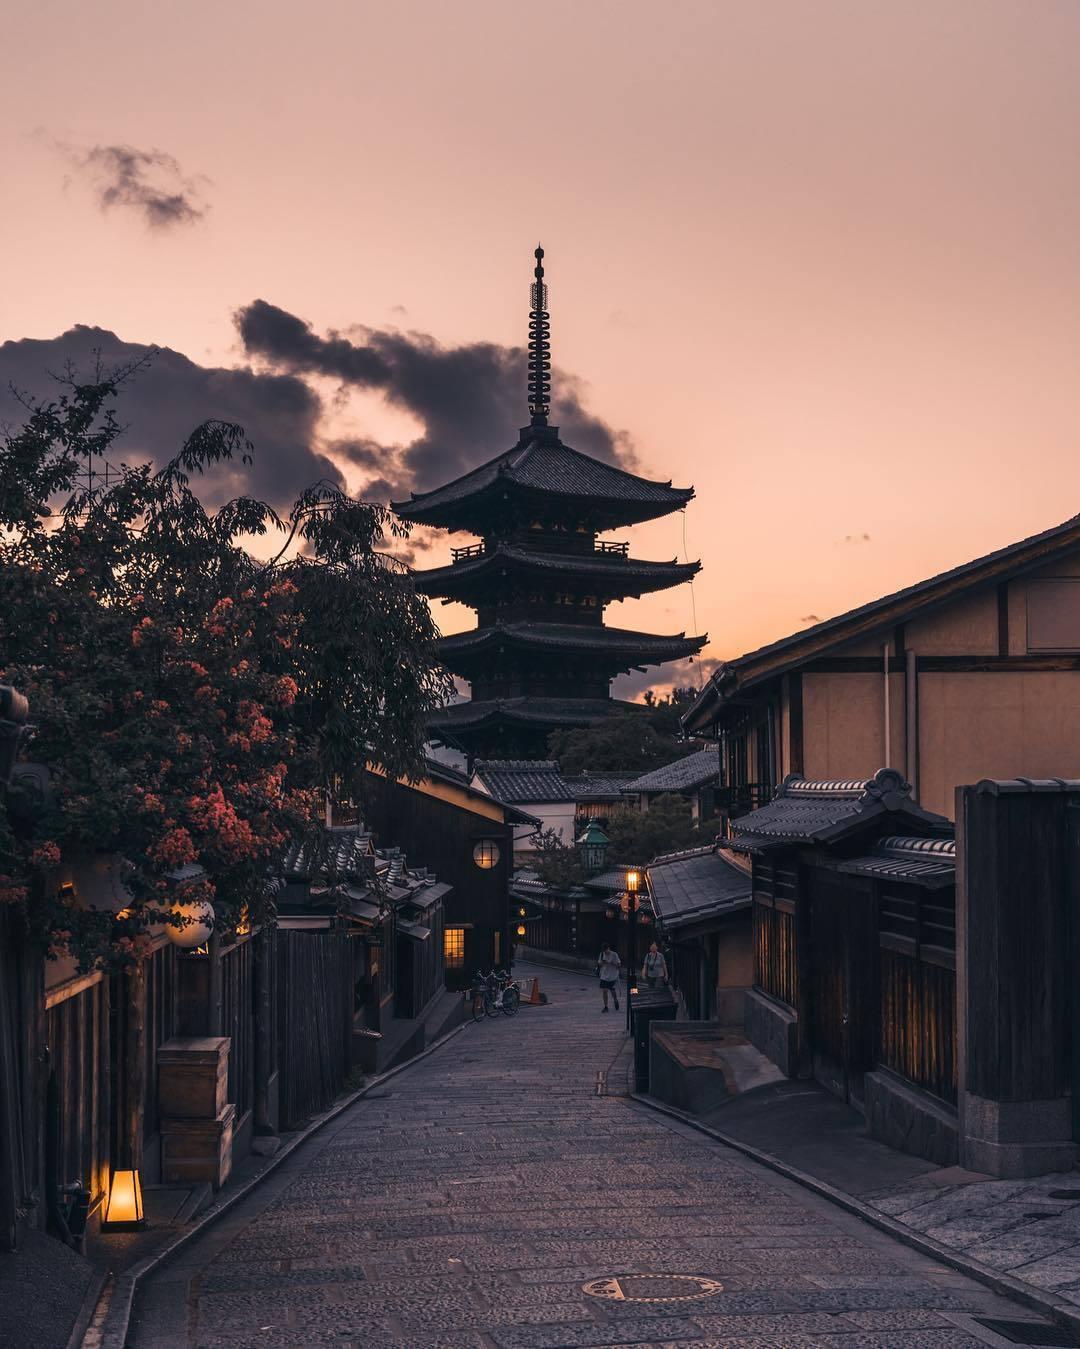 проживаете город киото в японии фото каждый вас